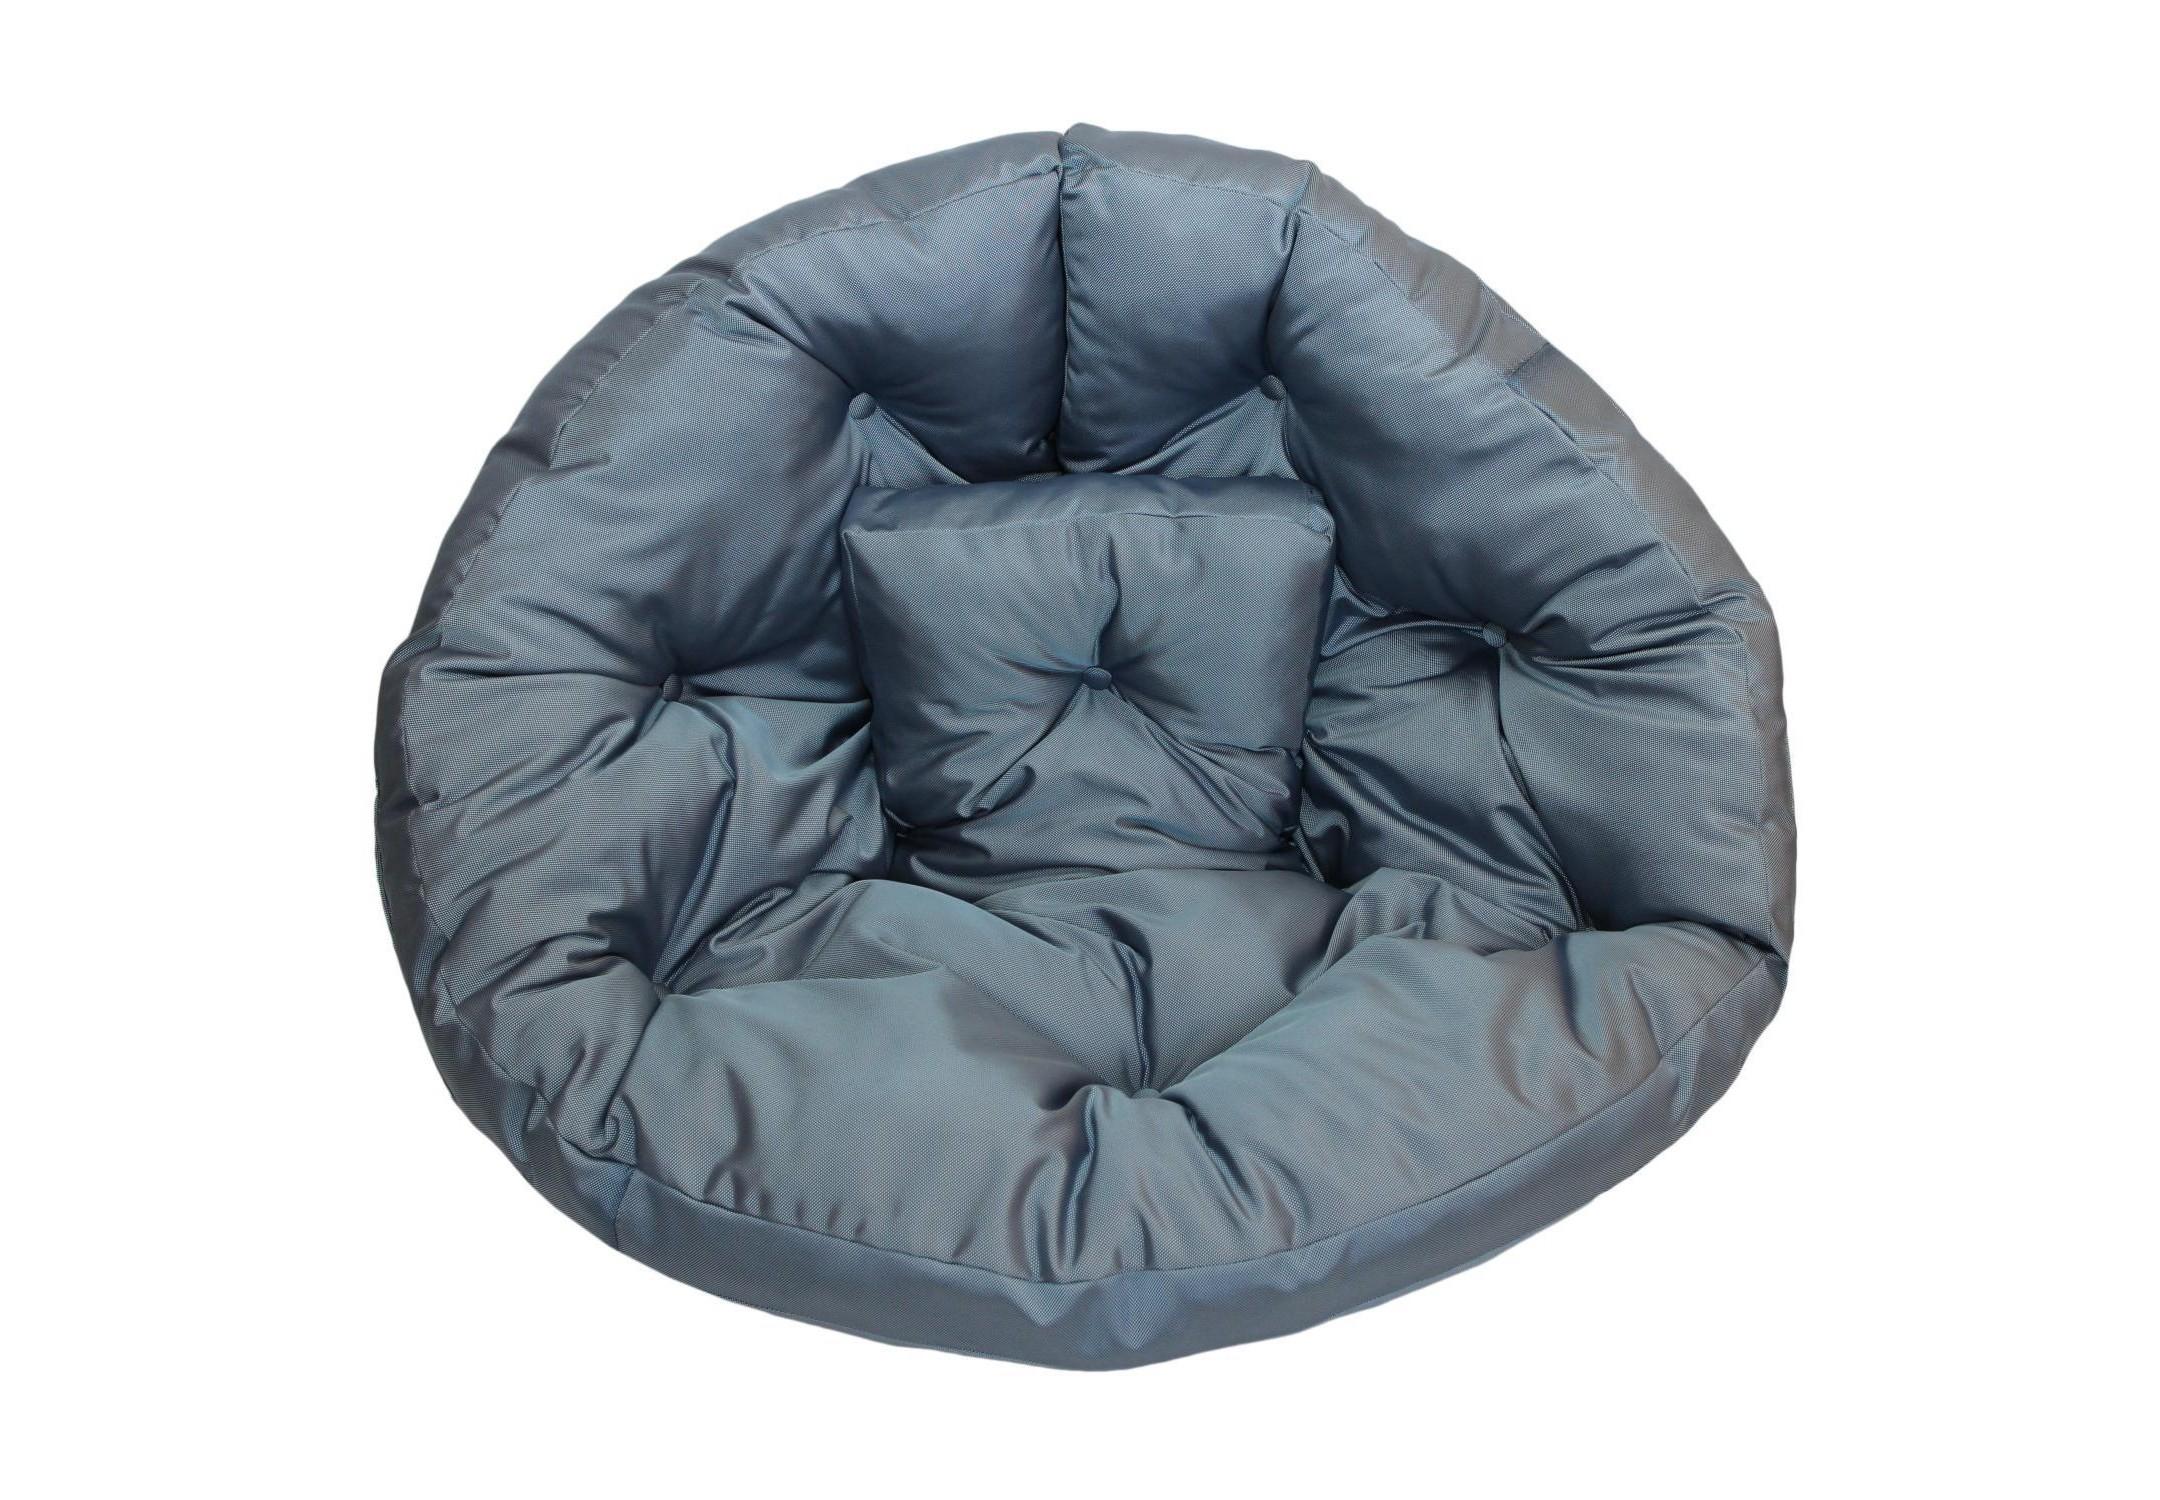 Кресло-футон Sky BlueБесформенные пуфы<br>Кресло-футон станет функциональной частью вашего интерьера, как дома, так и на улице. Вы можете уютно разместиться  в кресле или с легкостью превратить его в очень мягкий матрас-футон. Так же при помощи липучек вы можете соединить два футона и сделать один большой матрас для загара под солнцем или отдыха дома. Кресло сшито из очень плотной ткани с водоотталкивающим покрытием с внешней стороны, поэтому идеально подойдет для уличного декора.При загрязнении его достаточно протереть мокрой салфеткой.<br><br>Material: Текстиль<br>Ширина см: 200<br>Глубина см: 100